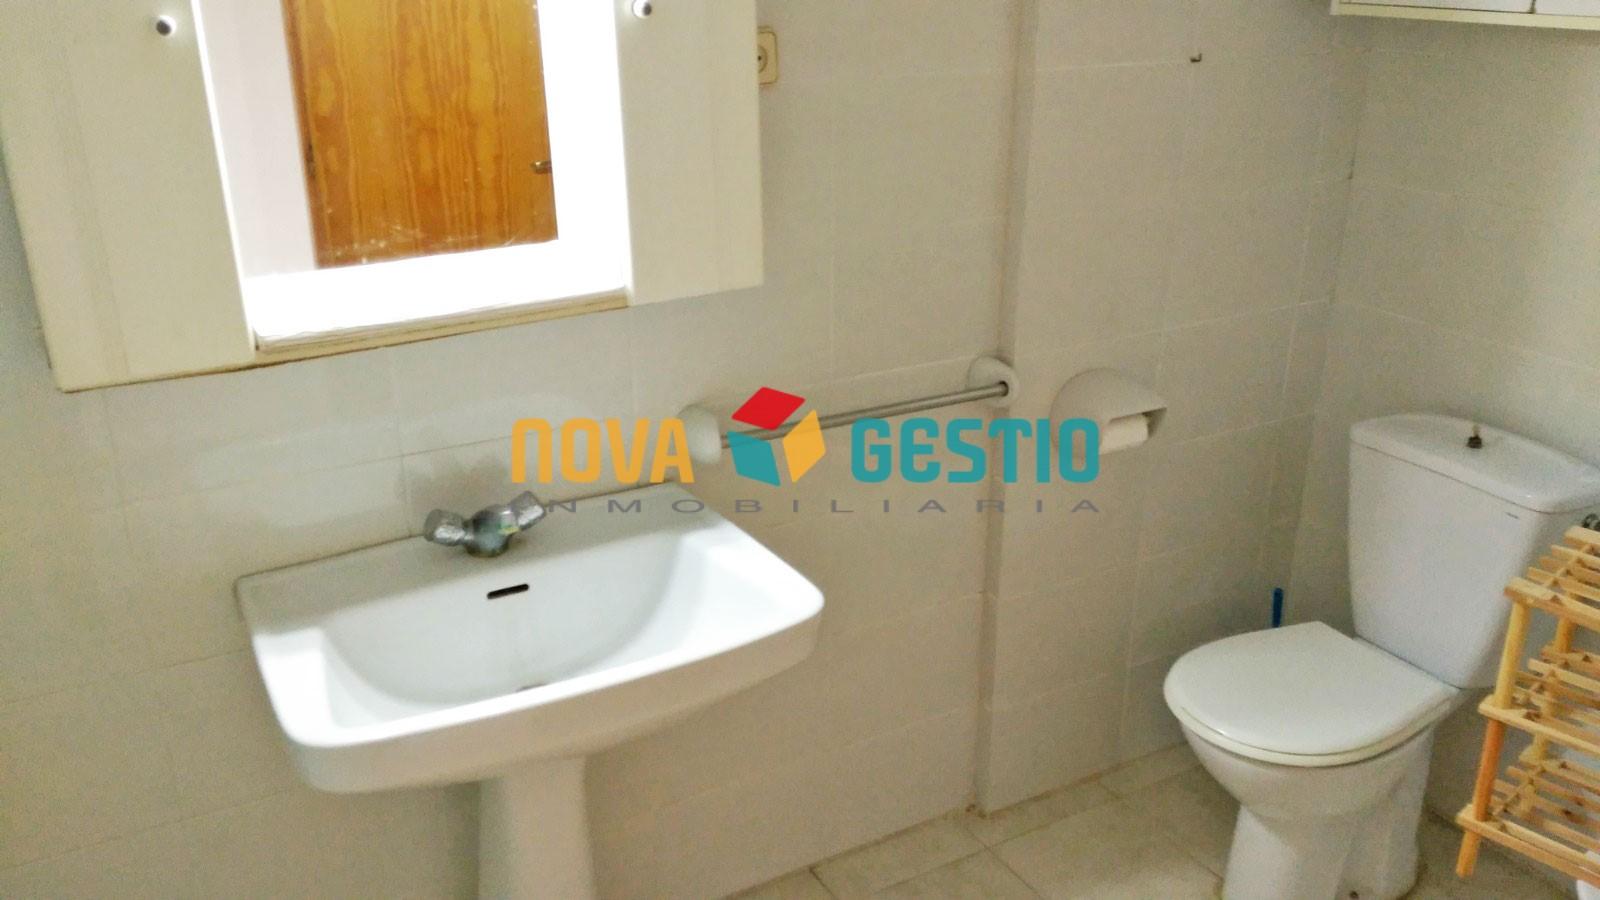 Piso en venta en Manacor : : PI1010MA-VES